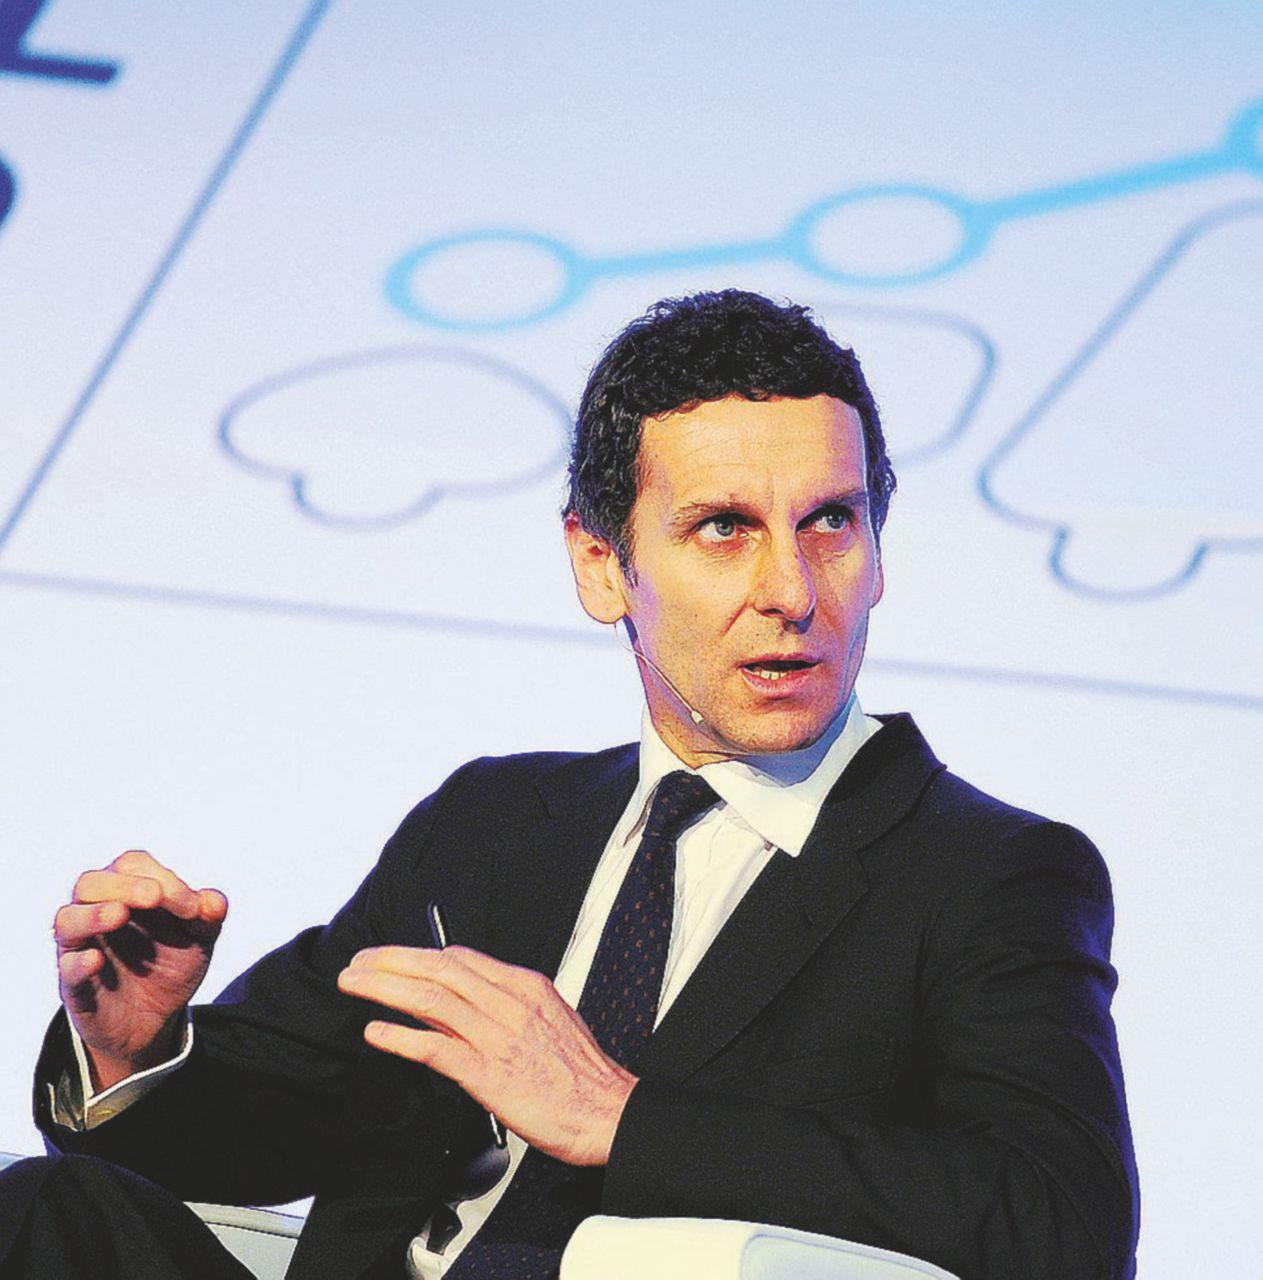 Sul Fatto del 13 settembre – Mps: Renzi, JpMorgan e Bce piazzano l'impresentabile